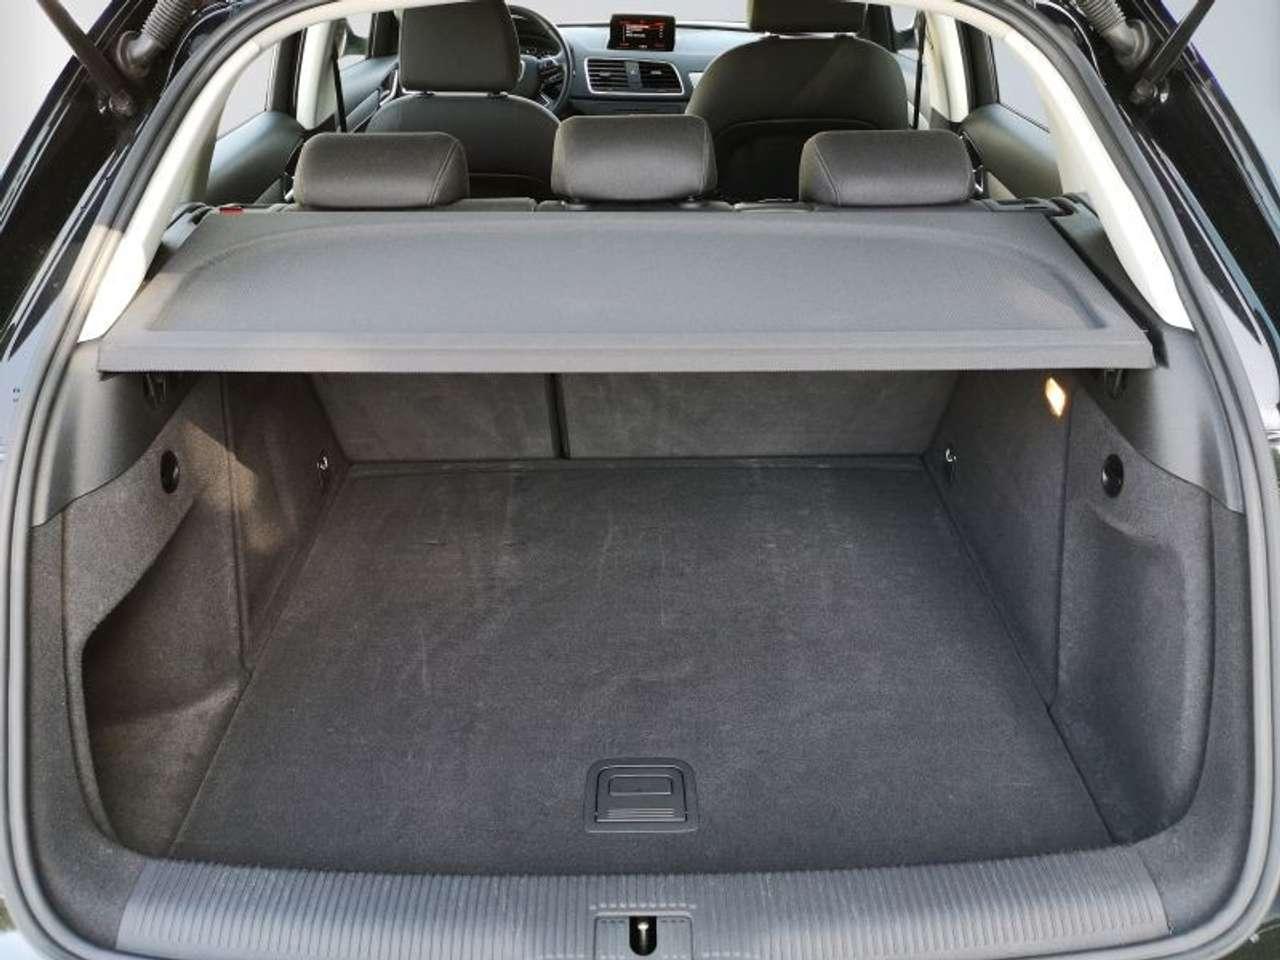 Audi Q3 2 0 TDI 140ch quattro S tronic 7